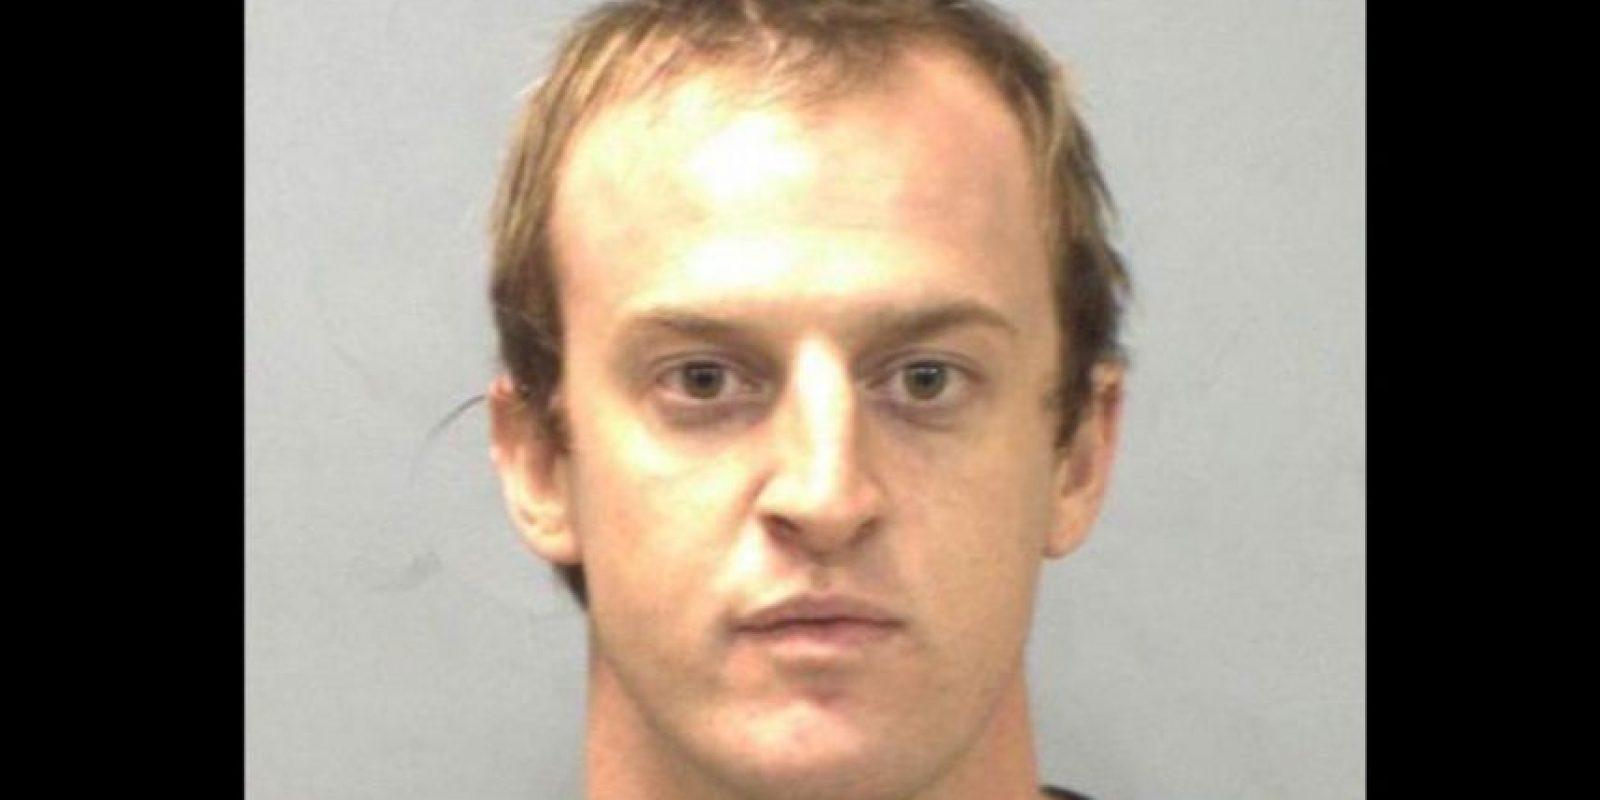 La Polícia de Australia había hecho una publicación en Facebook respecto a un fugitivo. Foto:Vía police.vic.gov.au